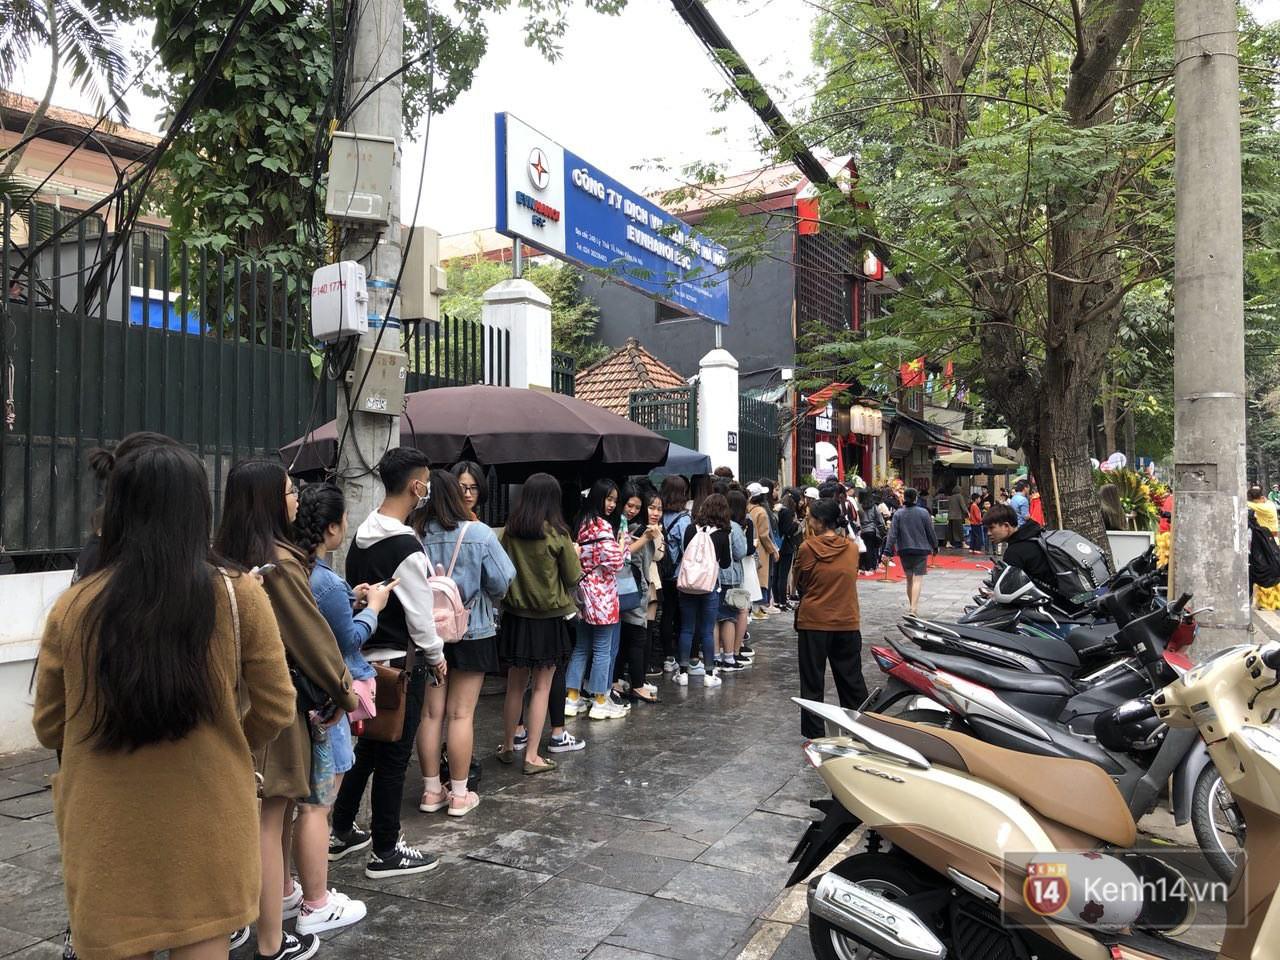 Cửa hàng mì của Seungri ngày khai trương ở Hà Nội: Khách đội mưa, xếp hàng ngoài cửa từ 6h sáng - Ảnh 6.